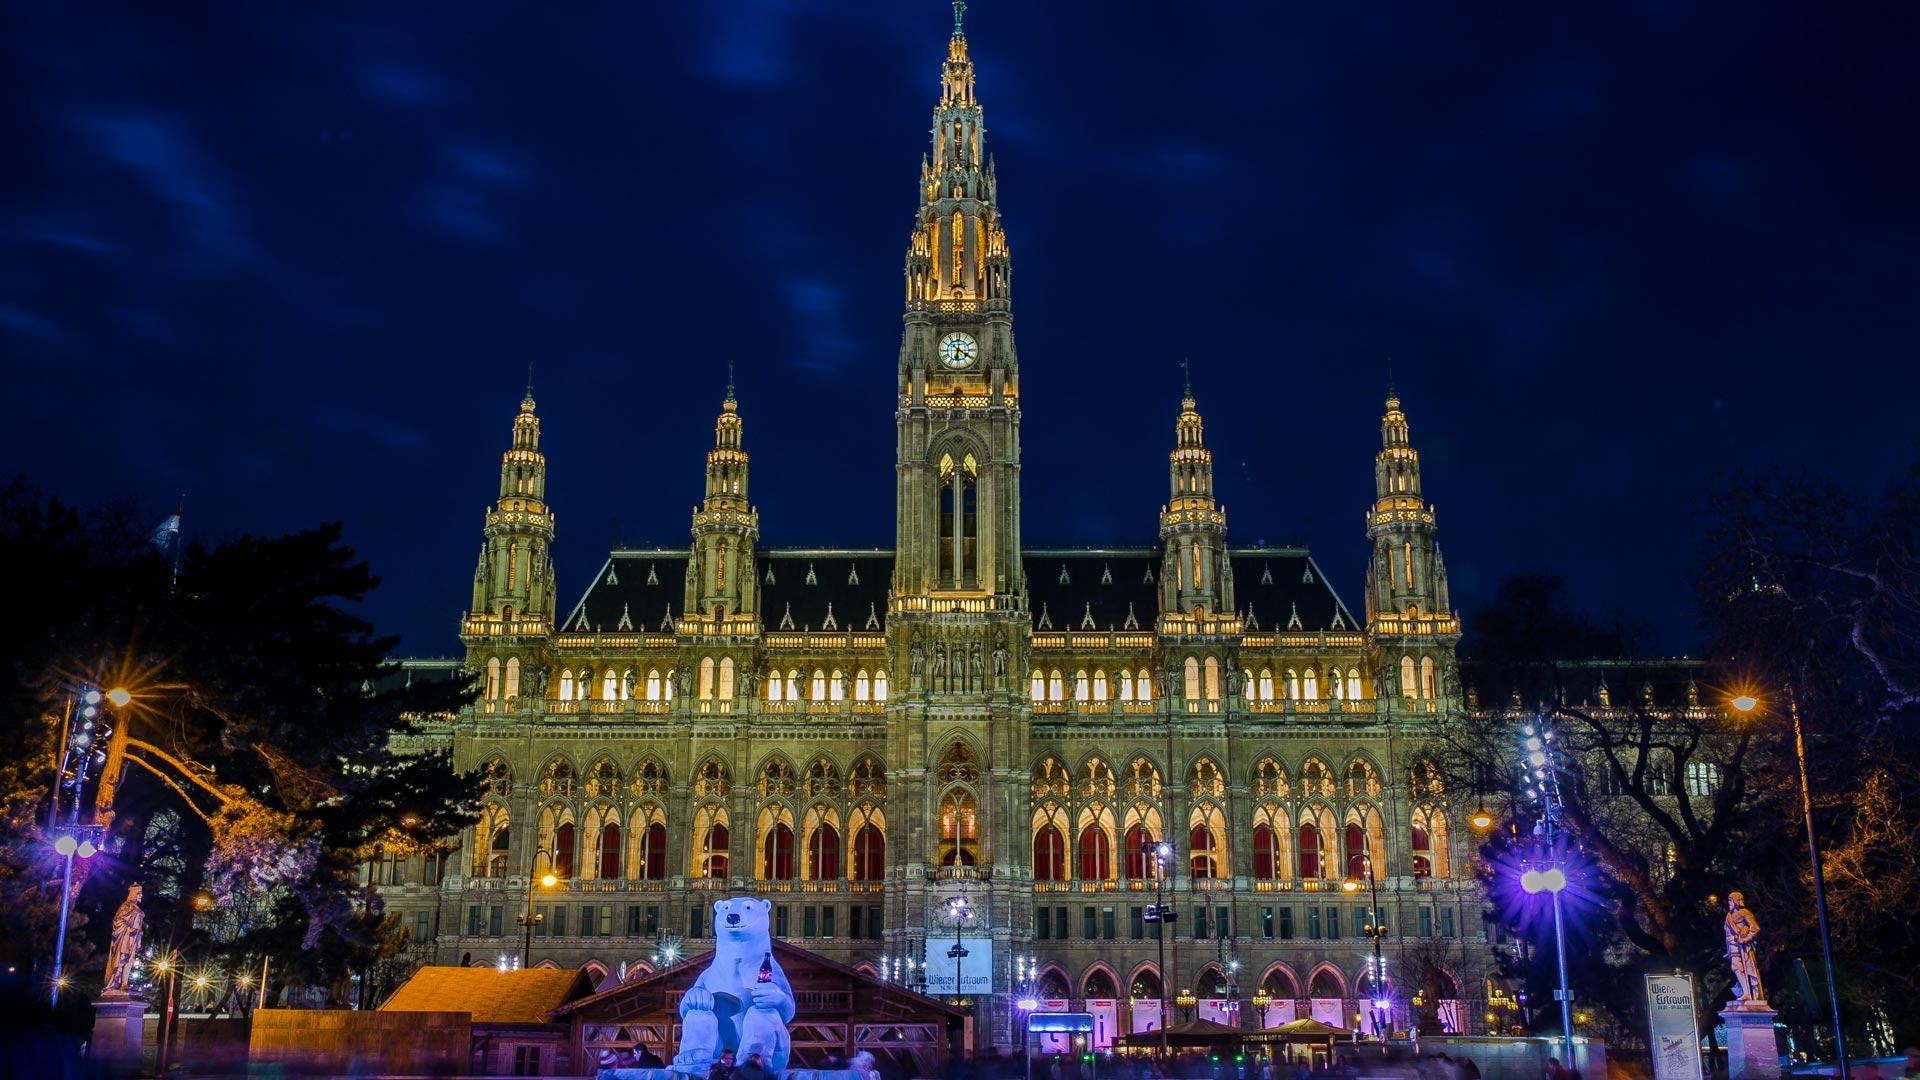 TOP 33 Ciekawostki o Wiedniu – informacje, tajemnice, z czego słynie Wiedeń